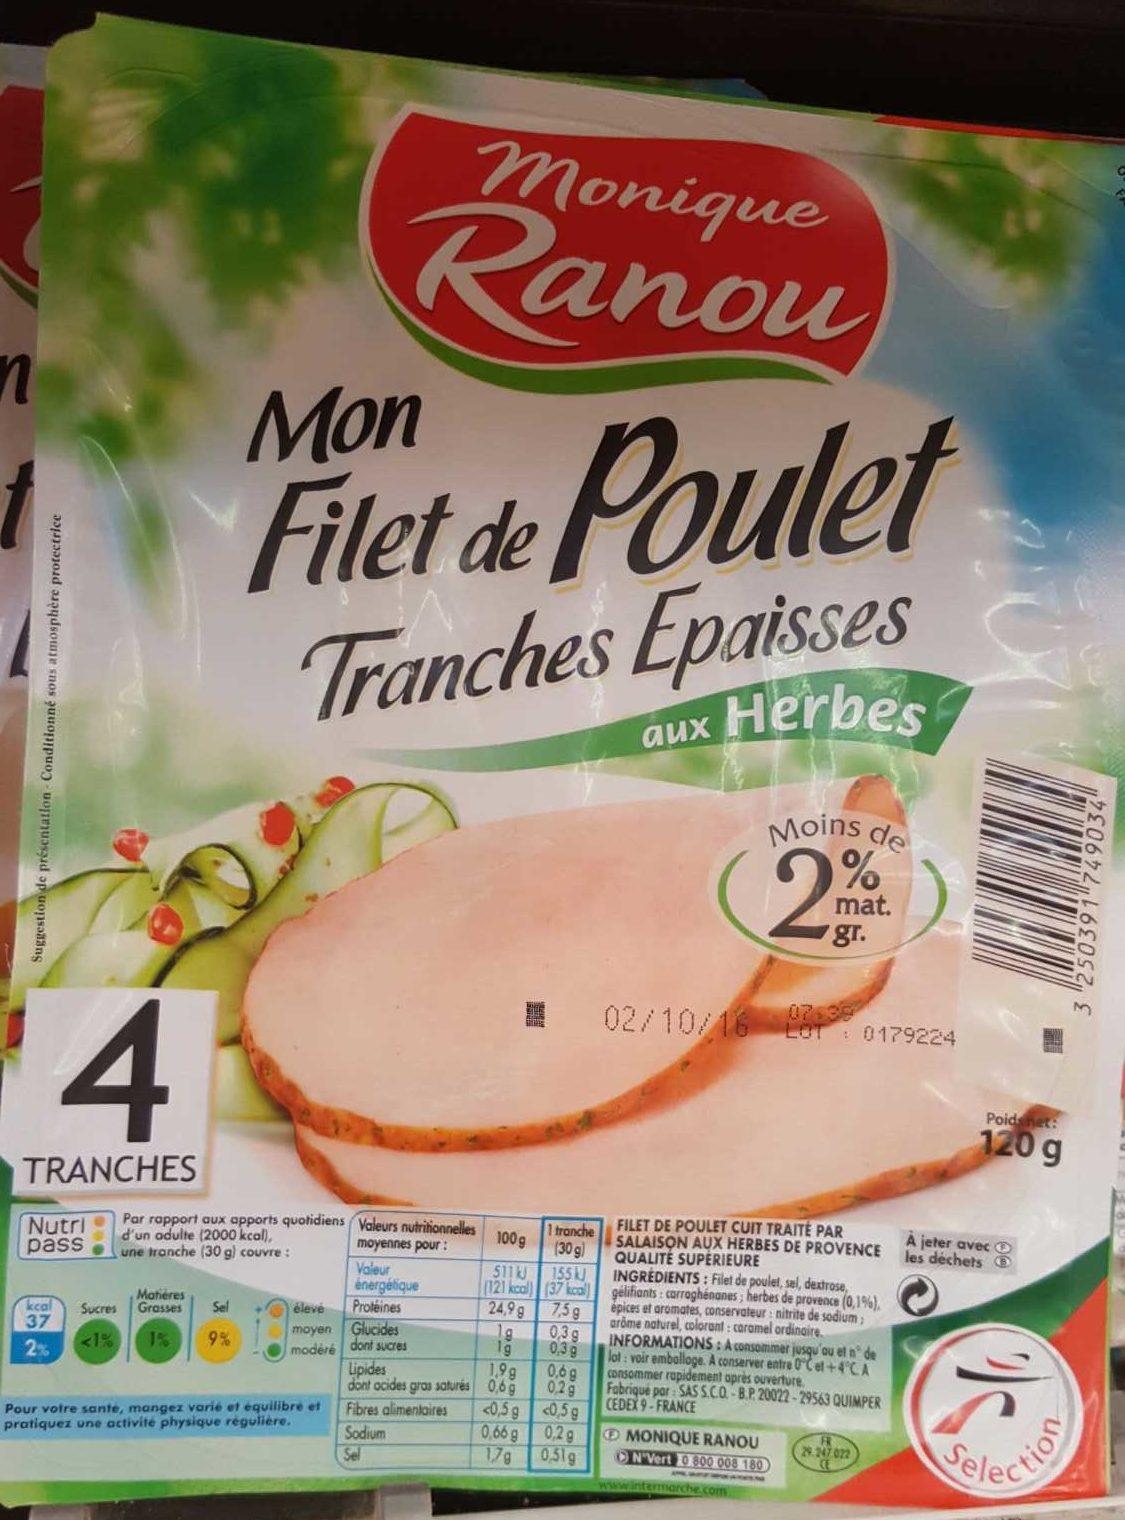 Mon Filet de Poulet Tranches Épaisses aux Herbes (4 tranches) - Produit